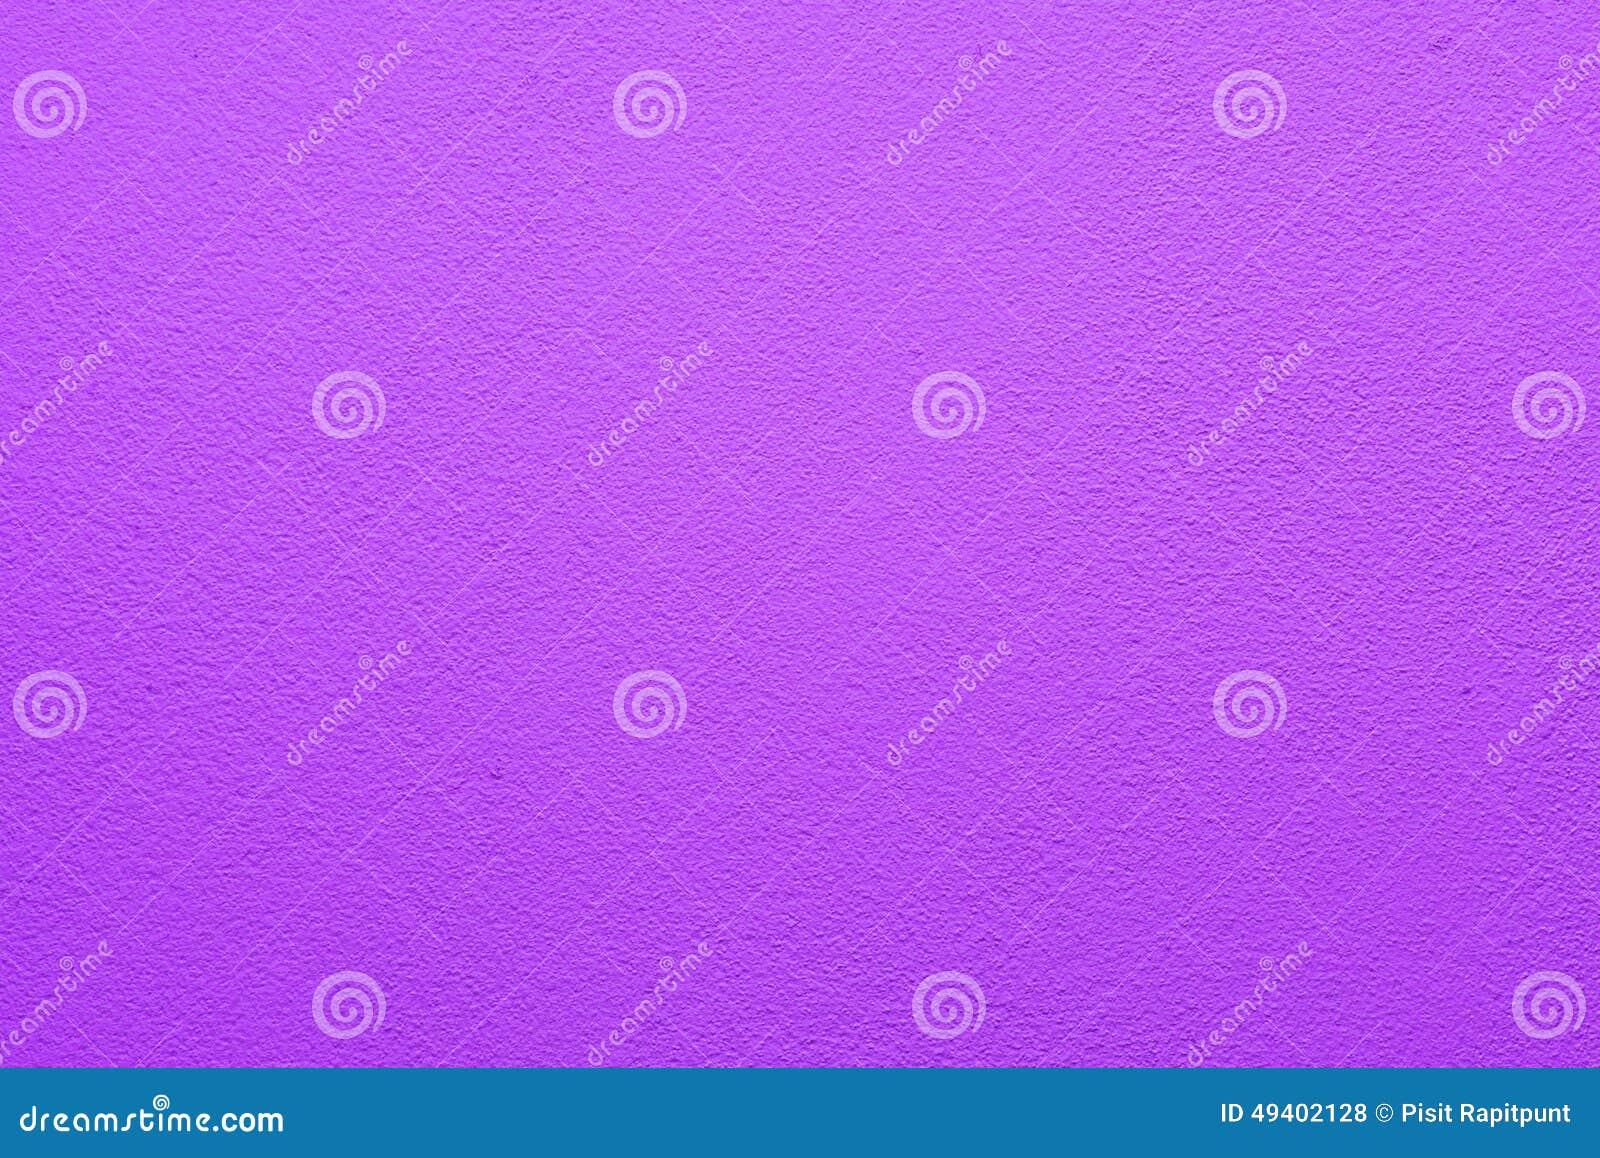 Download Zementputzwandhintergrund stockfoto. Bild von nahaufnahme - 49402128